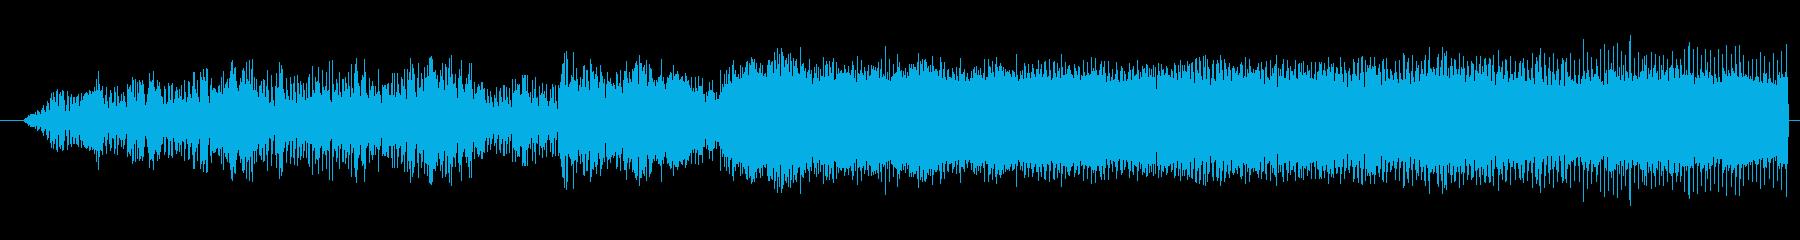 機械 負荷時のタイルカッター04の再生済みの波形